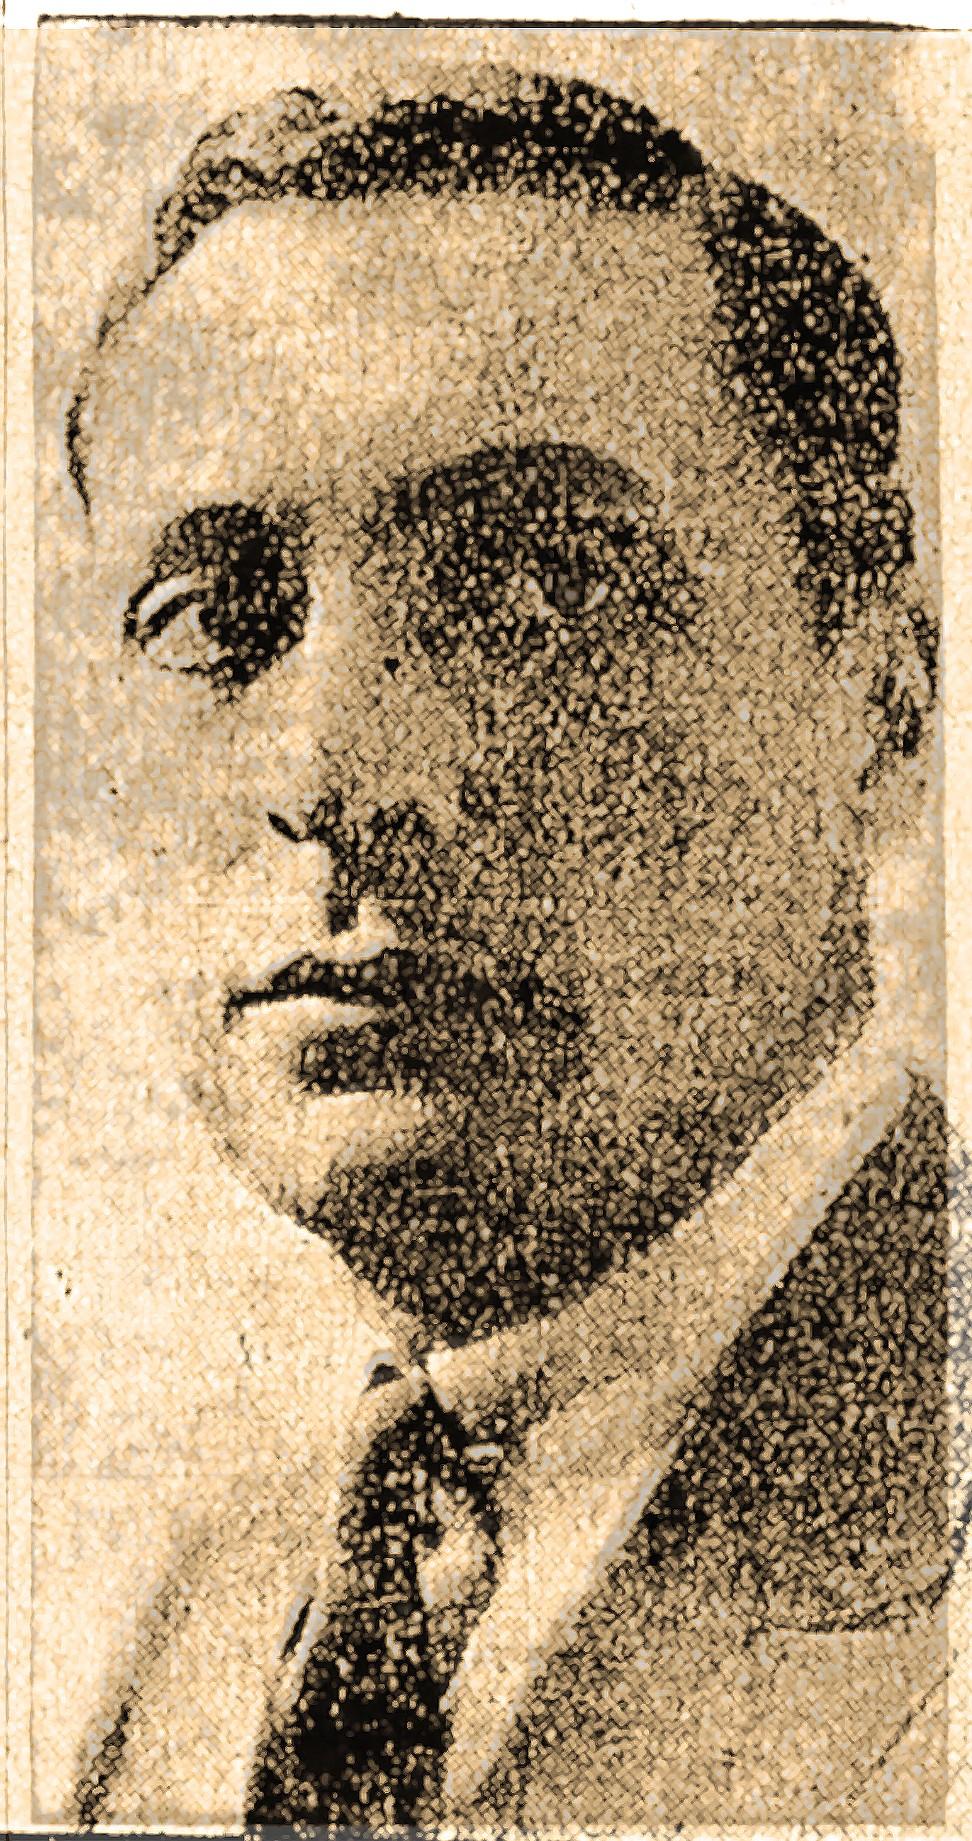 Marquis Jean van Hoegaerden, aka John Sunderland, from the June 27, 1920, Arkansas Gazette.  (Arkansas Democrat-Gazette)